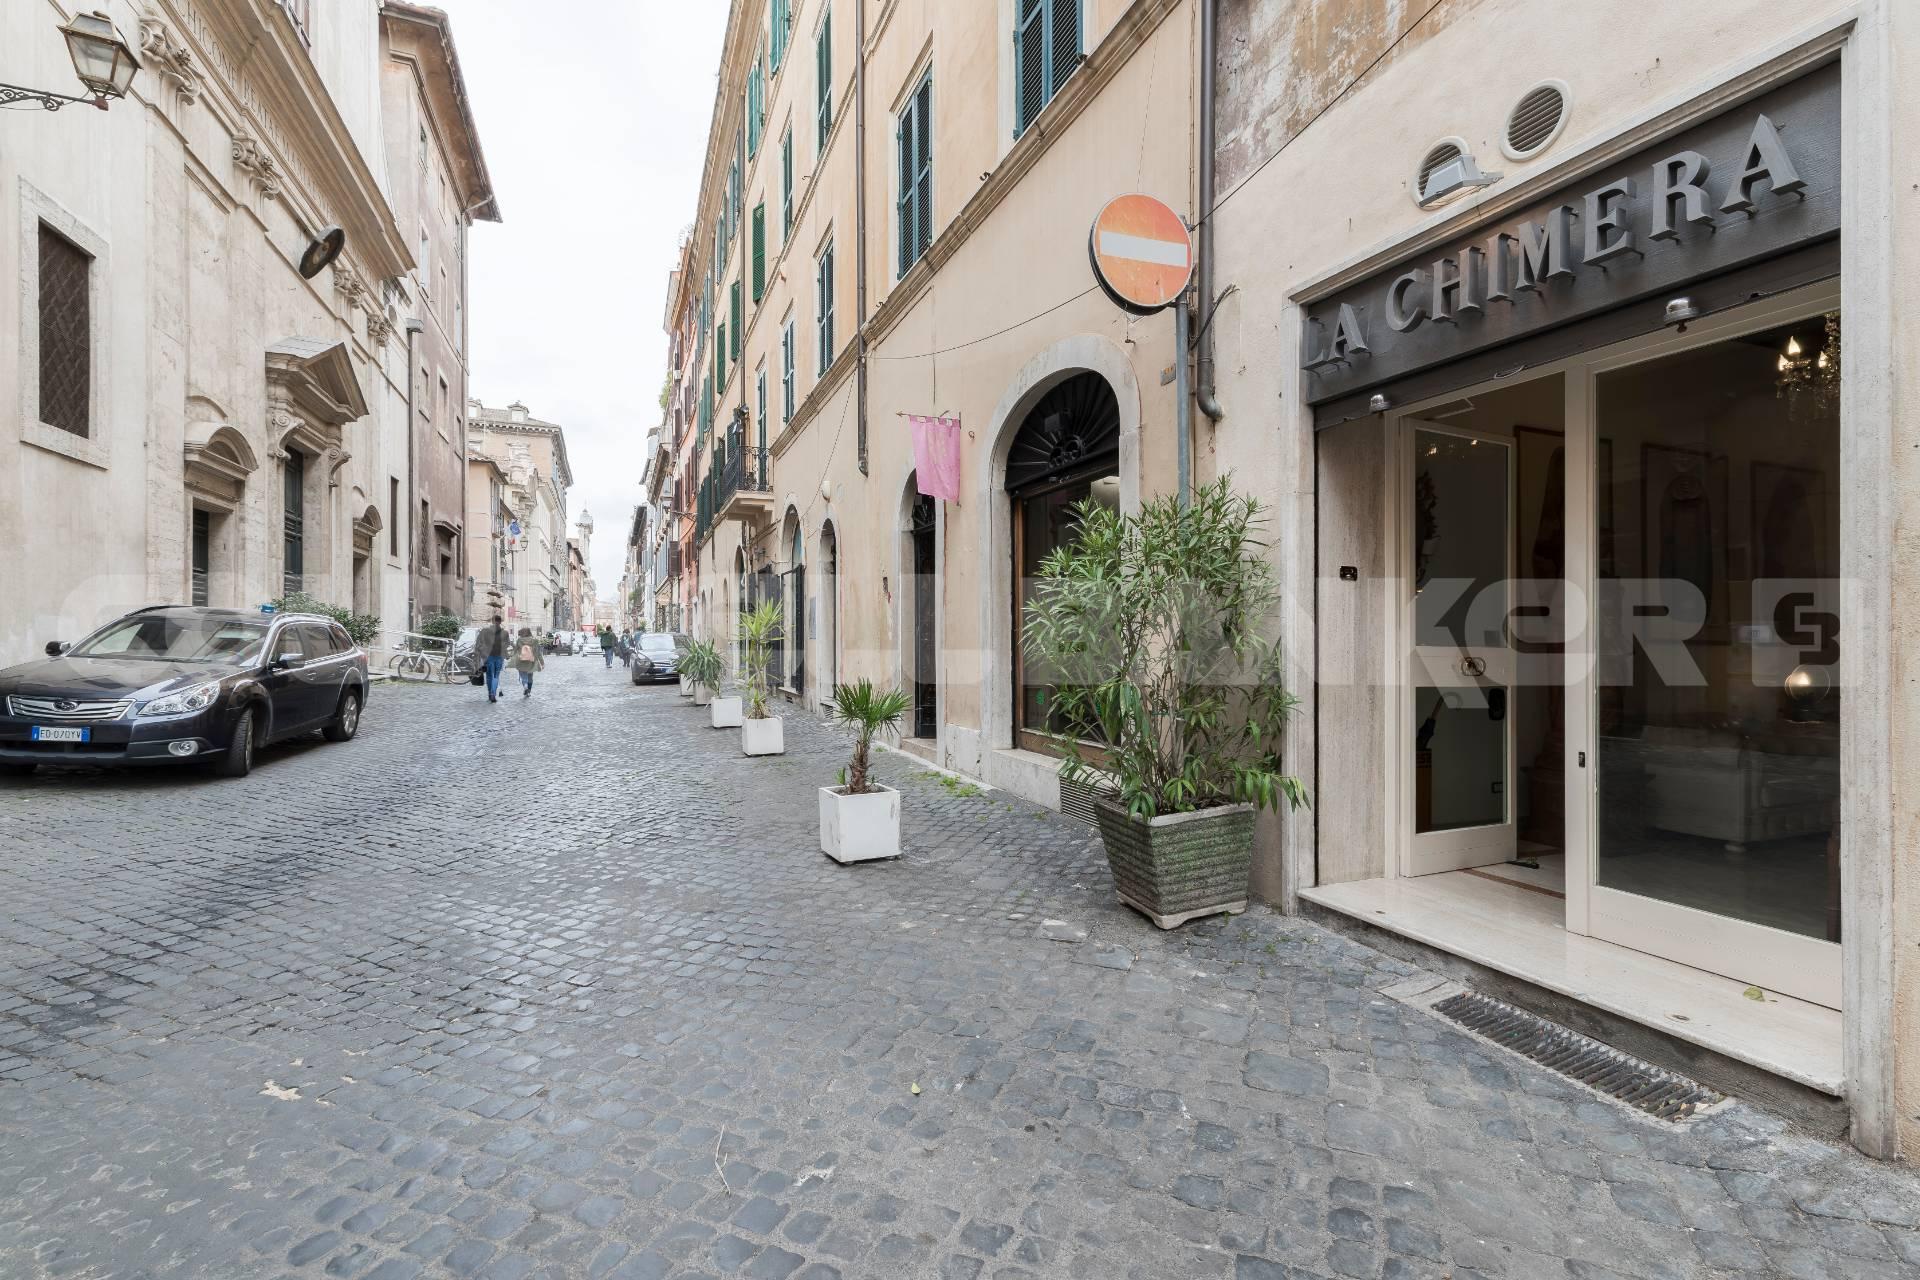 Cbi072 ex1323 negozio in affitto a roma centro storico for Affitto ufficio centro storico roma